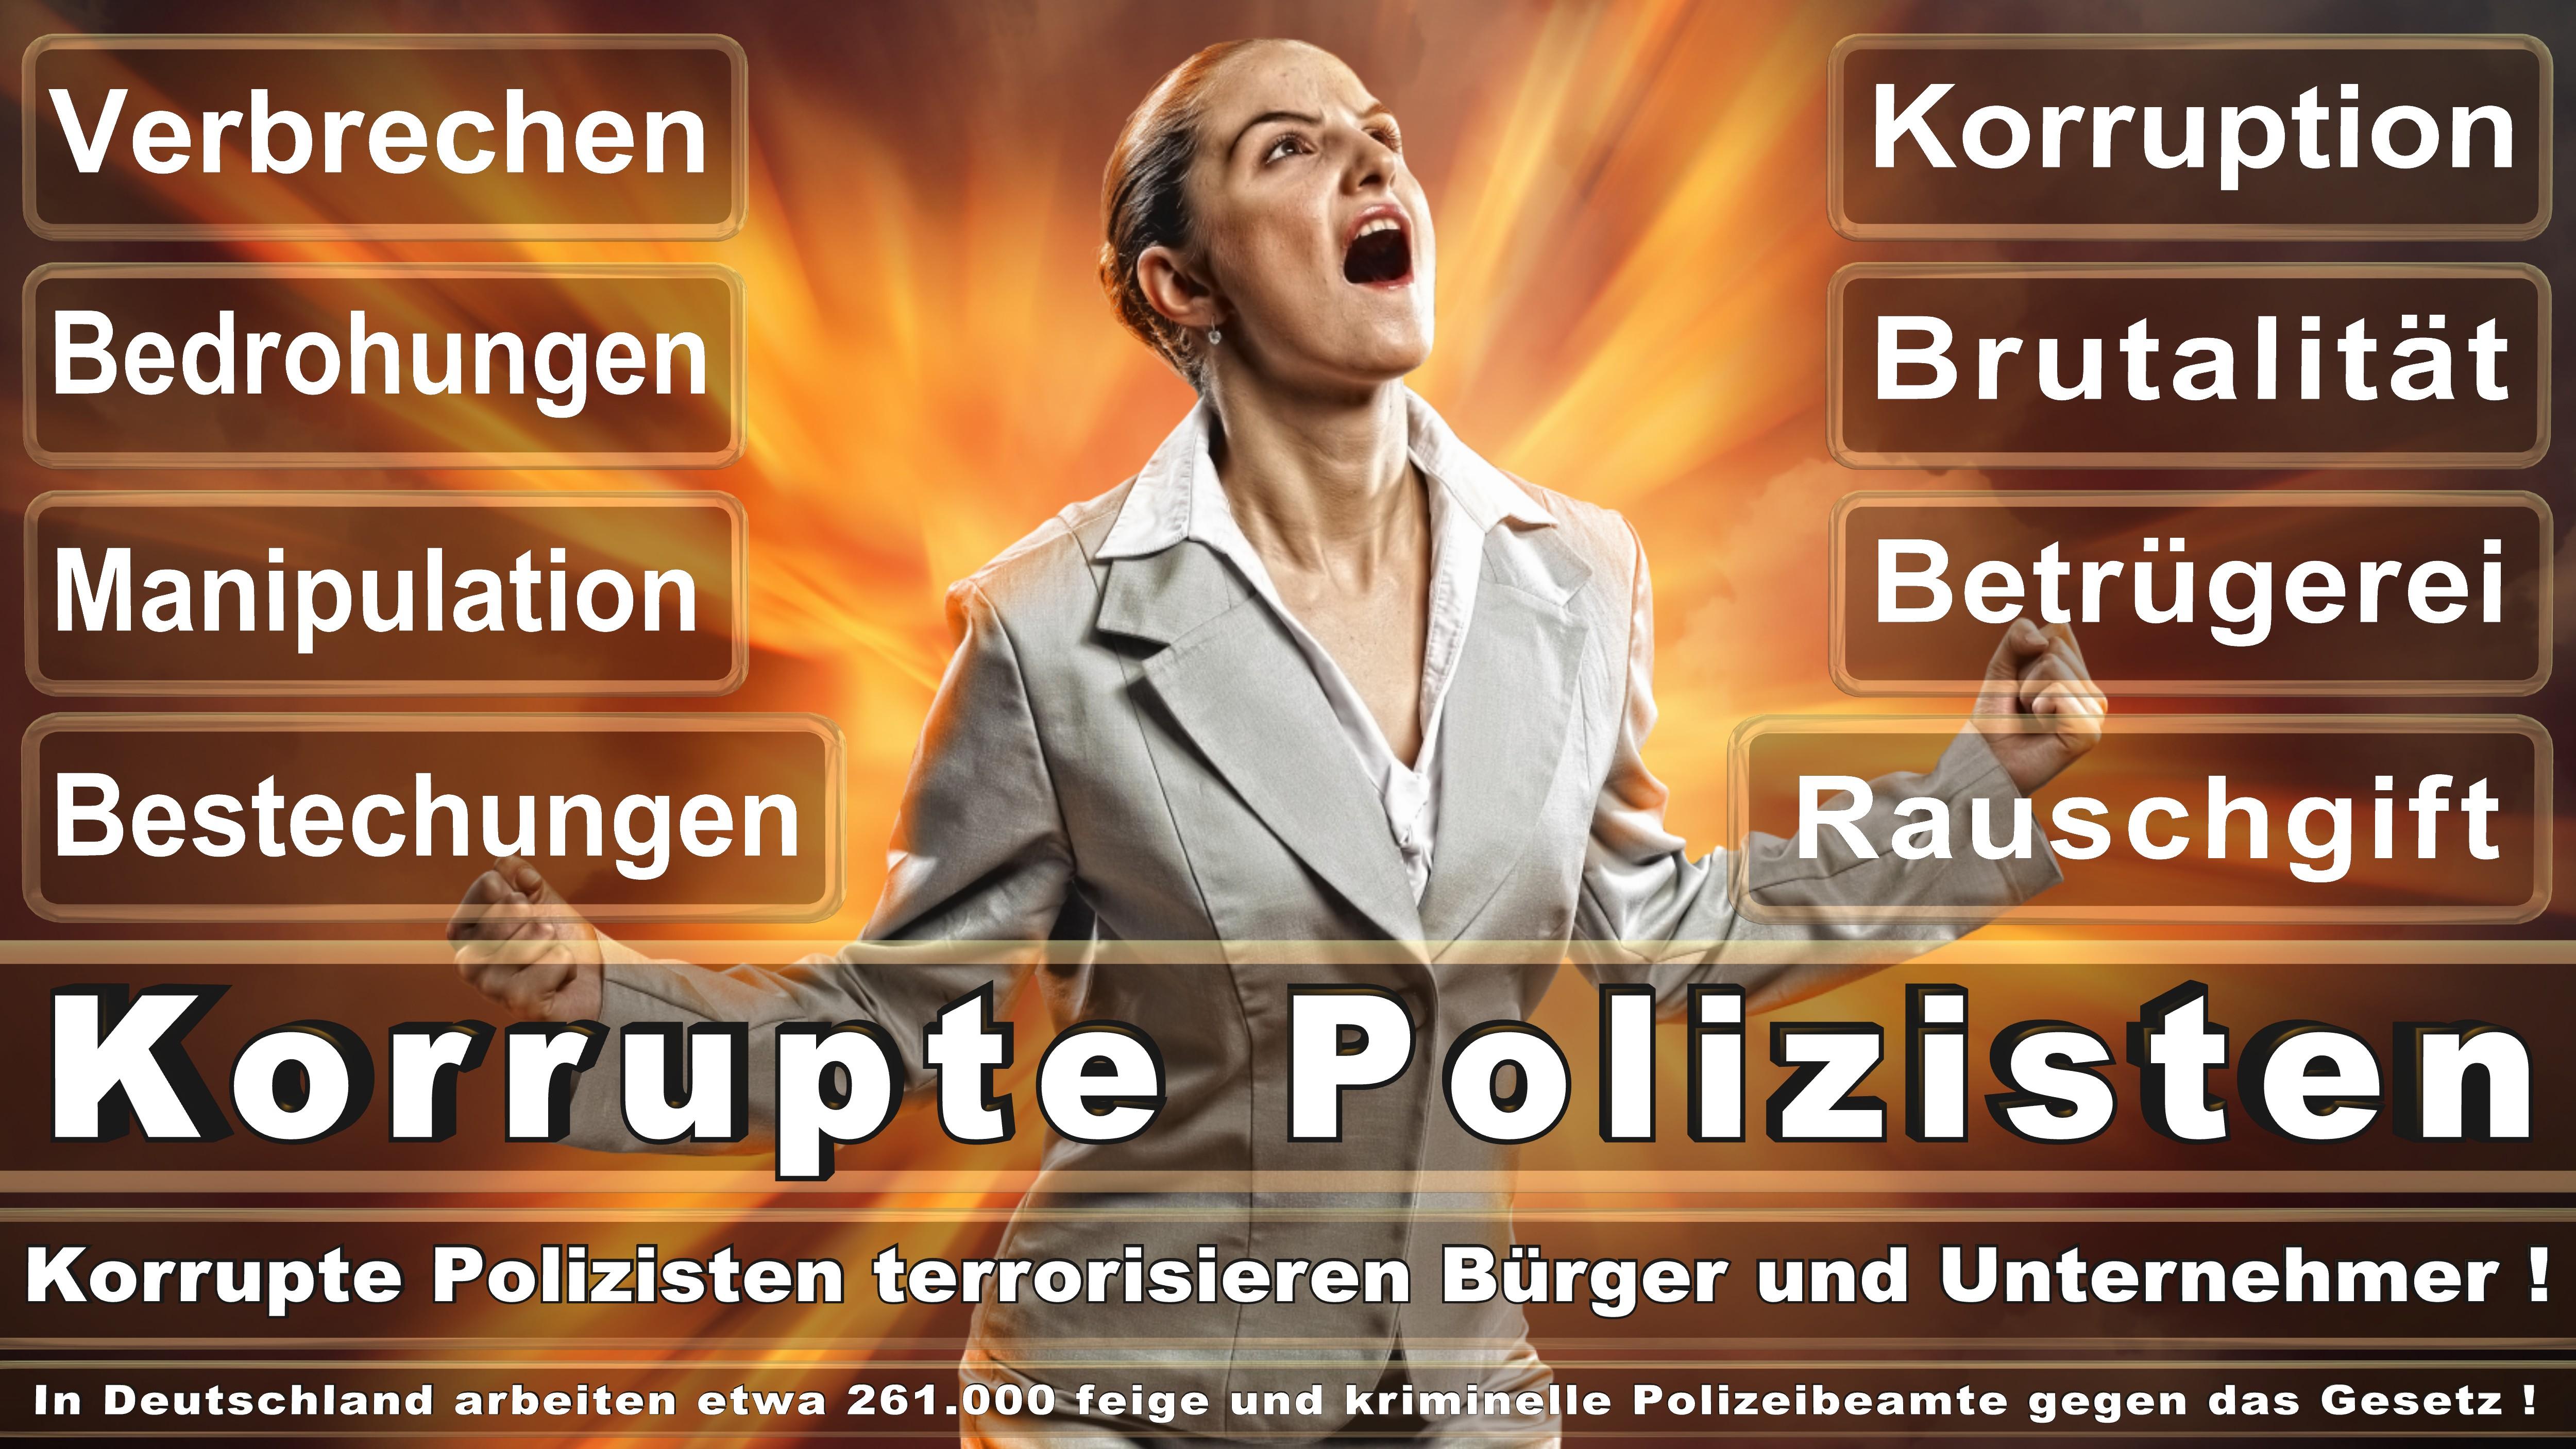 Polizei-Bielefeld (163) Polizeipräsidium Kurt-Schumacher-Straße 46 Bezirksdienst Senne Stieghorst, Kriminaloberassistentin, zur, Prüfung,